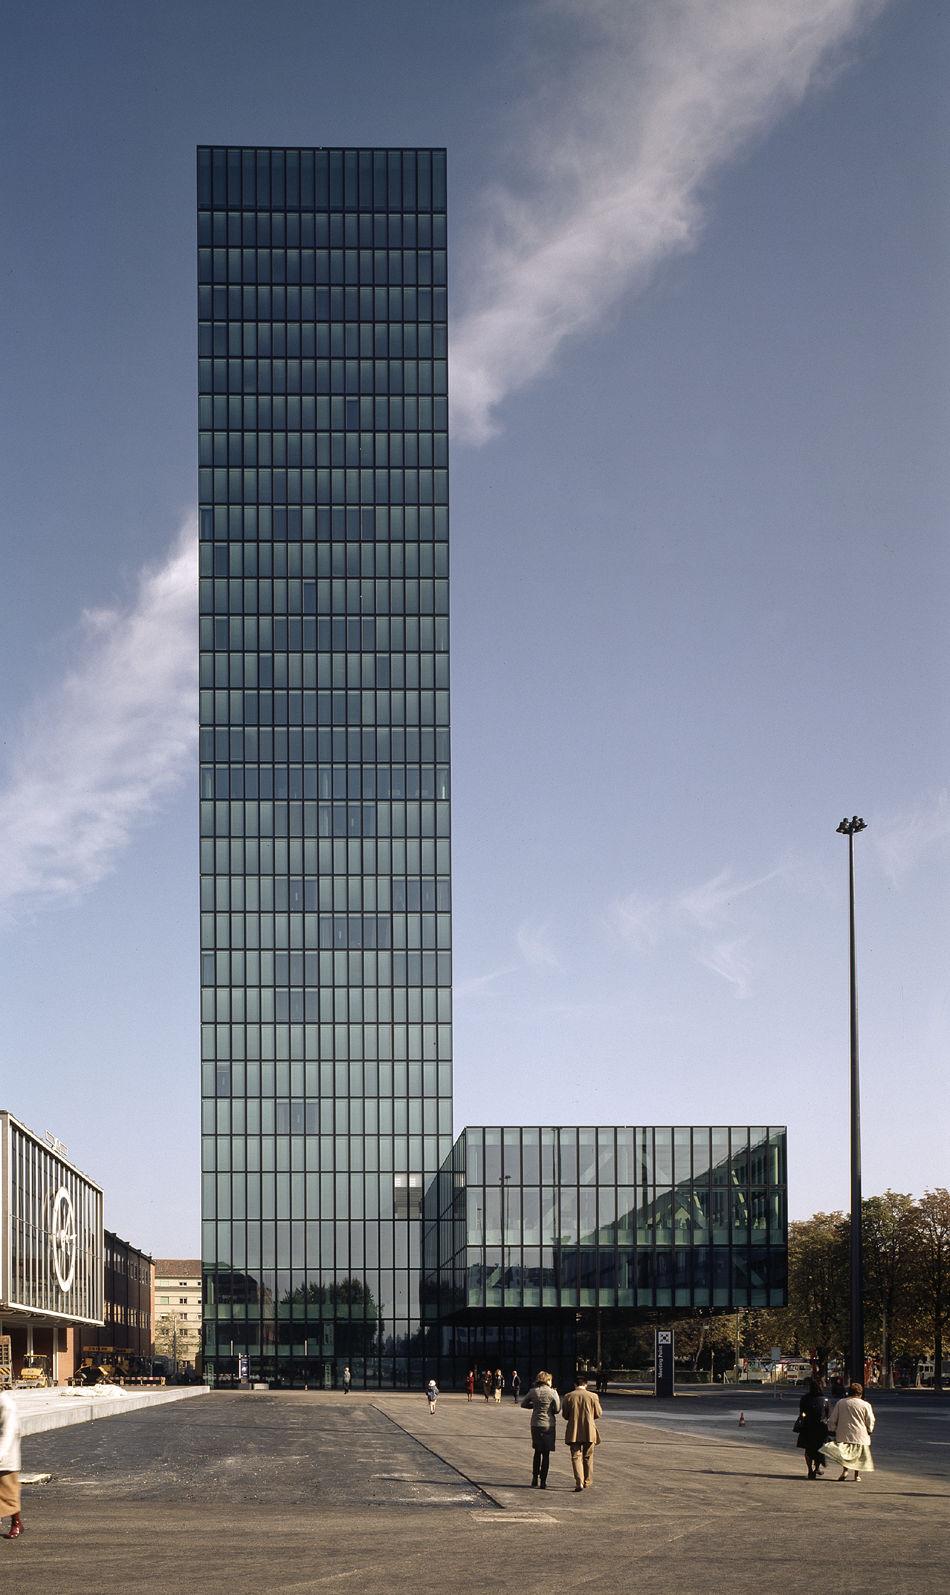 Marques Architekten